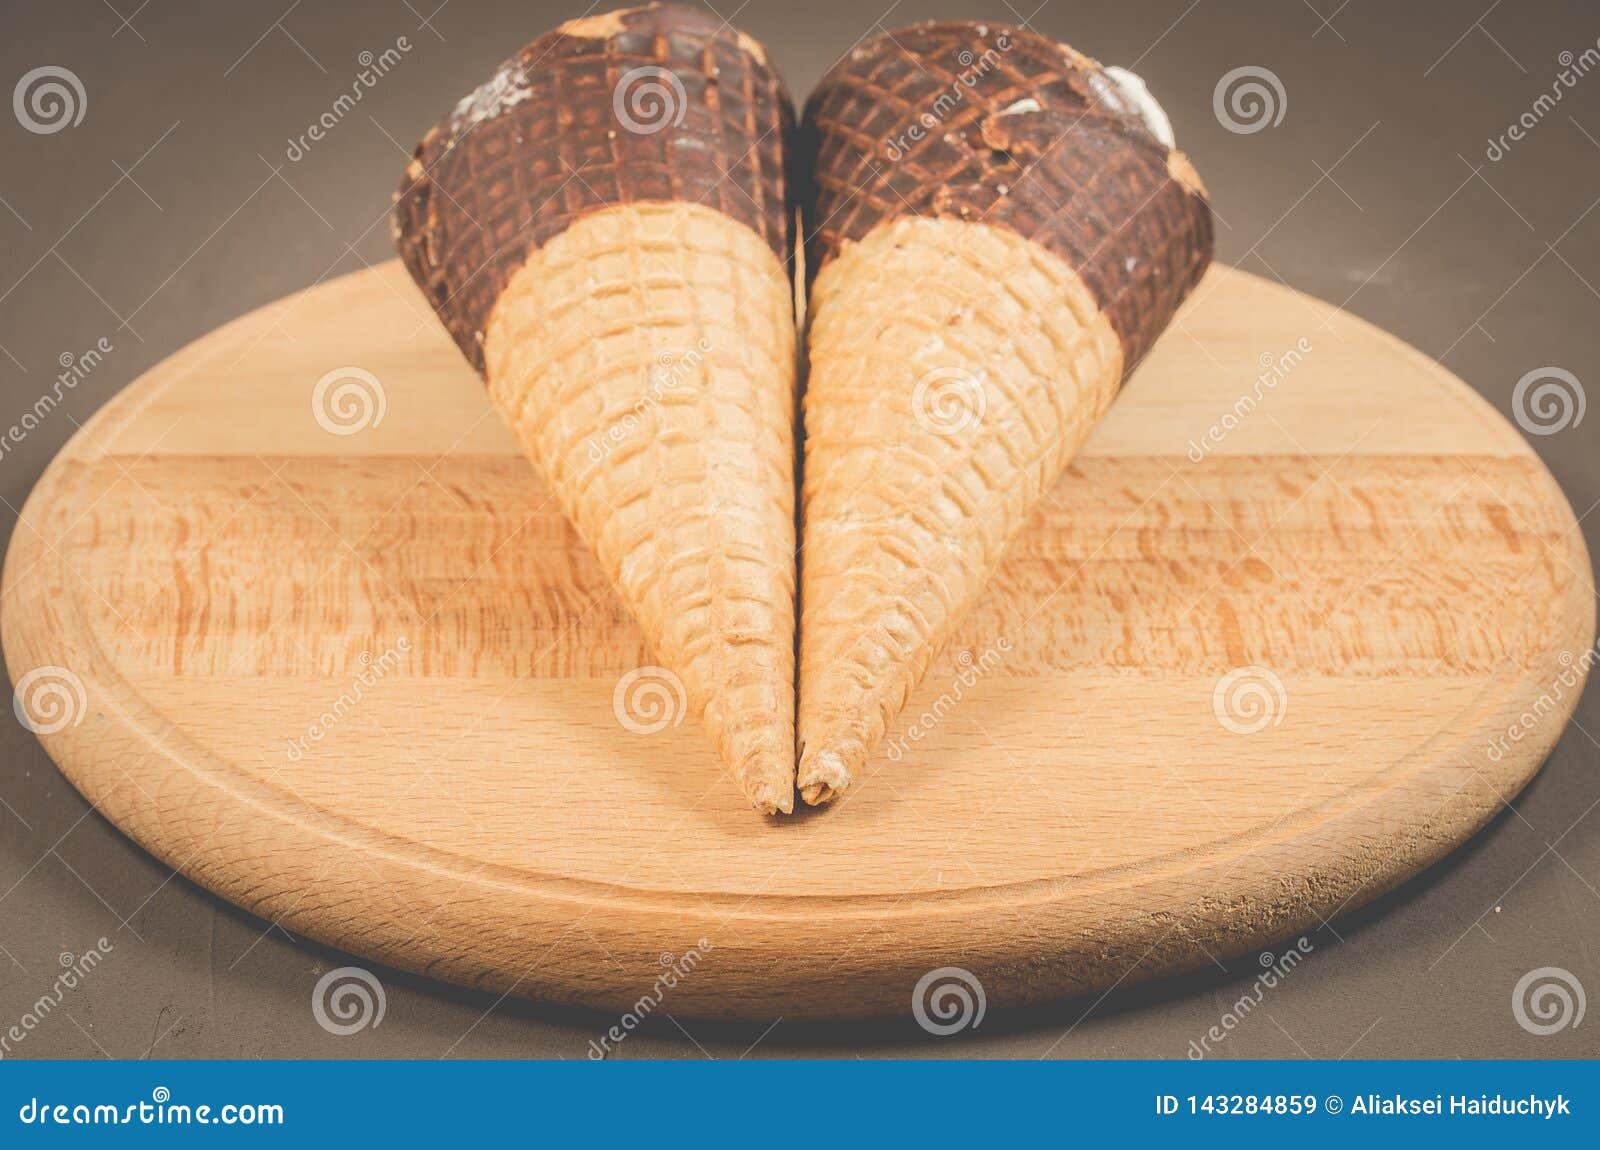 Glass två med kotten i choklad på en rund glass träservice/två med kotten i choklad på en rund träservice